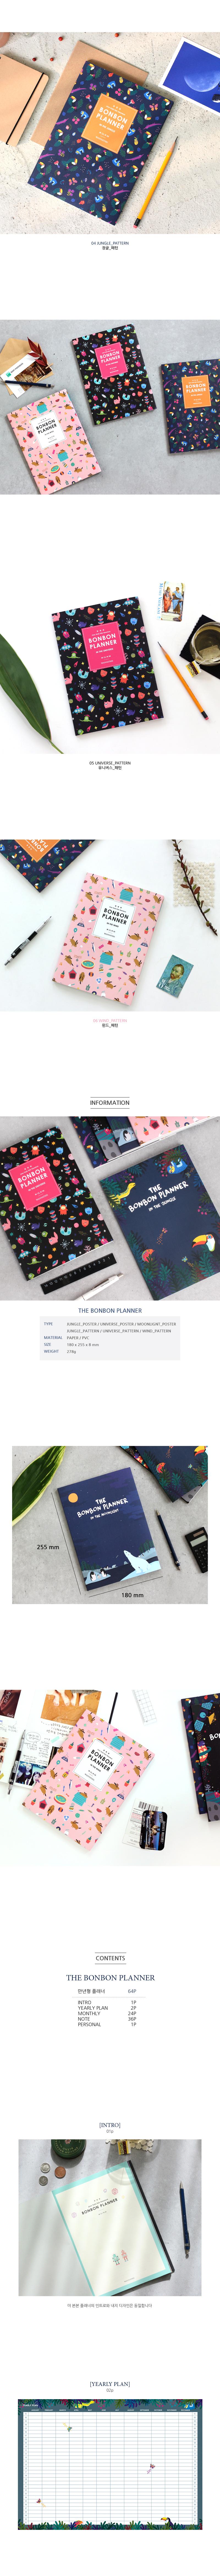 2017 diary diaries [2017 diary, 2017 diaries, diary]